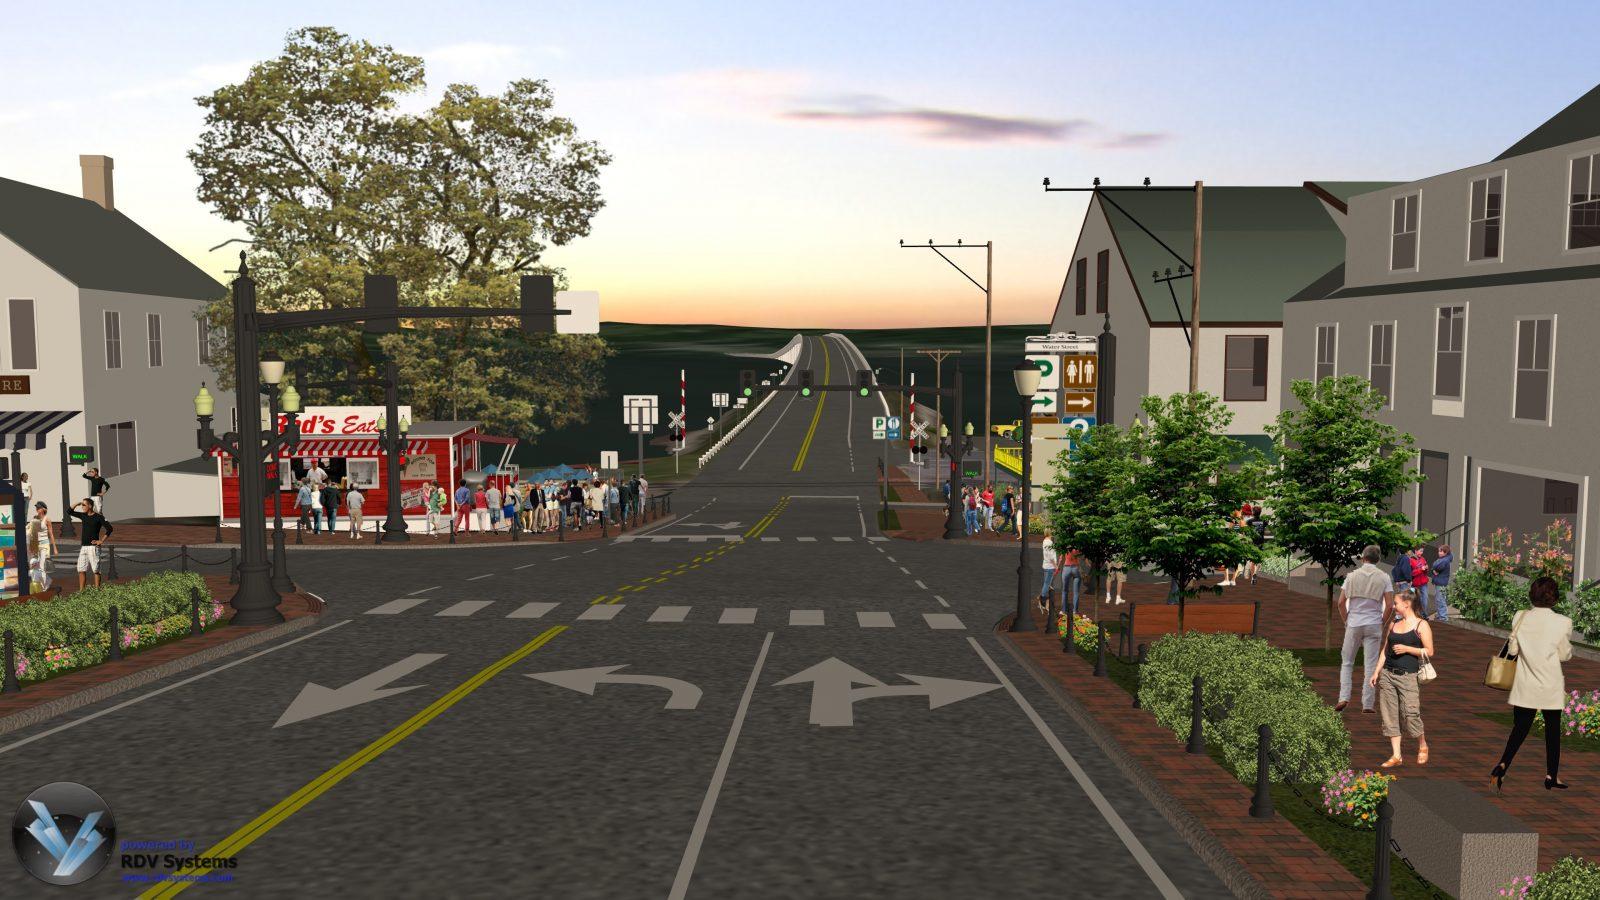 Wiscasett - Background 2